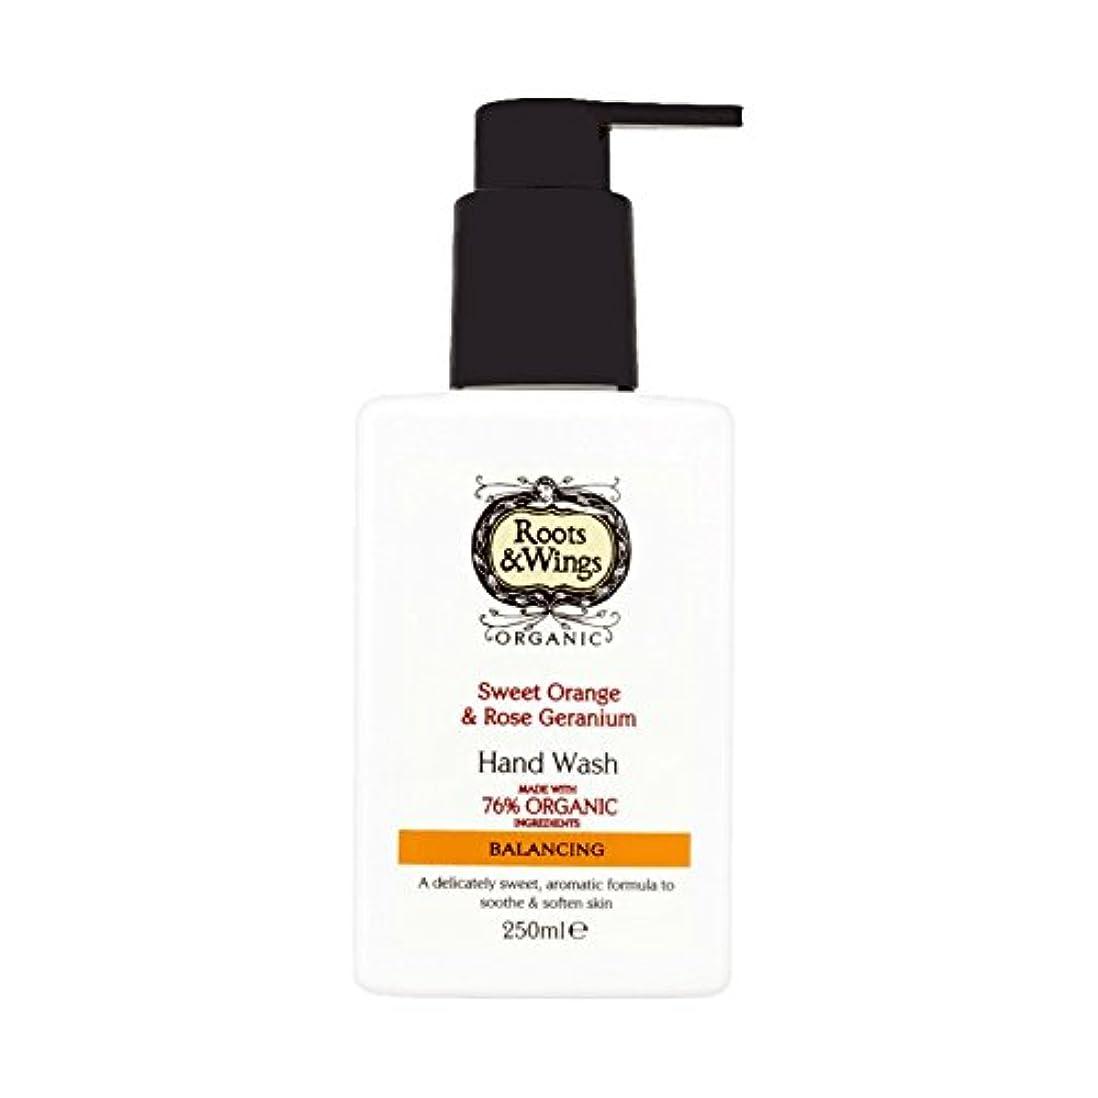 夕食を作る名誉暗殺者Roots & Wings Hand Wash Sweet Orange & Rose Geranium 250ml (Pack of 2) - ルーツ&翼手洗いスイートオレンジ&ゼラニウム250ミリリットルをバラ (x2...